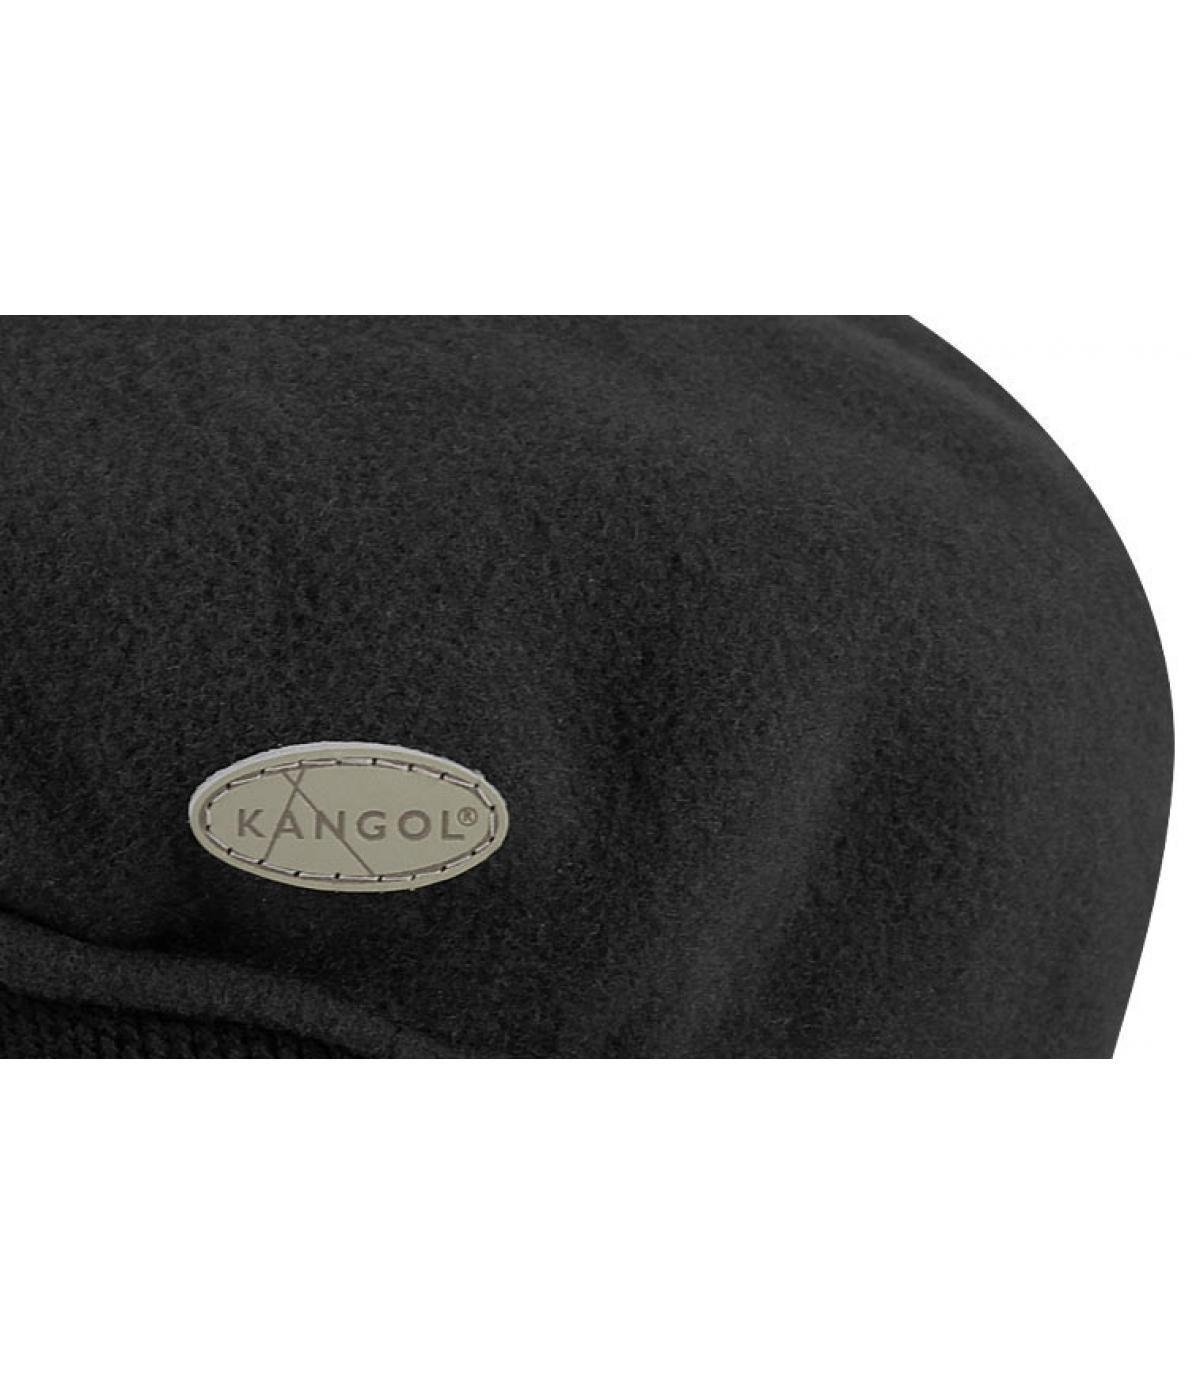 Détails 504 wool earflap noir - image 2